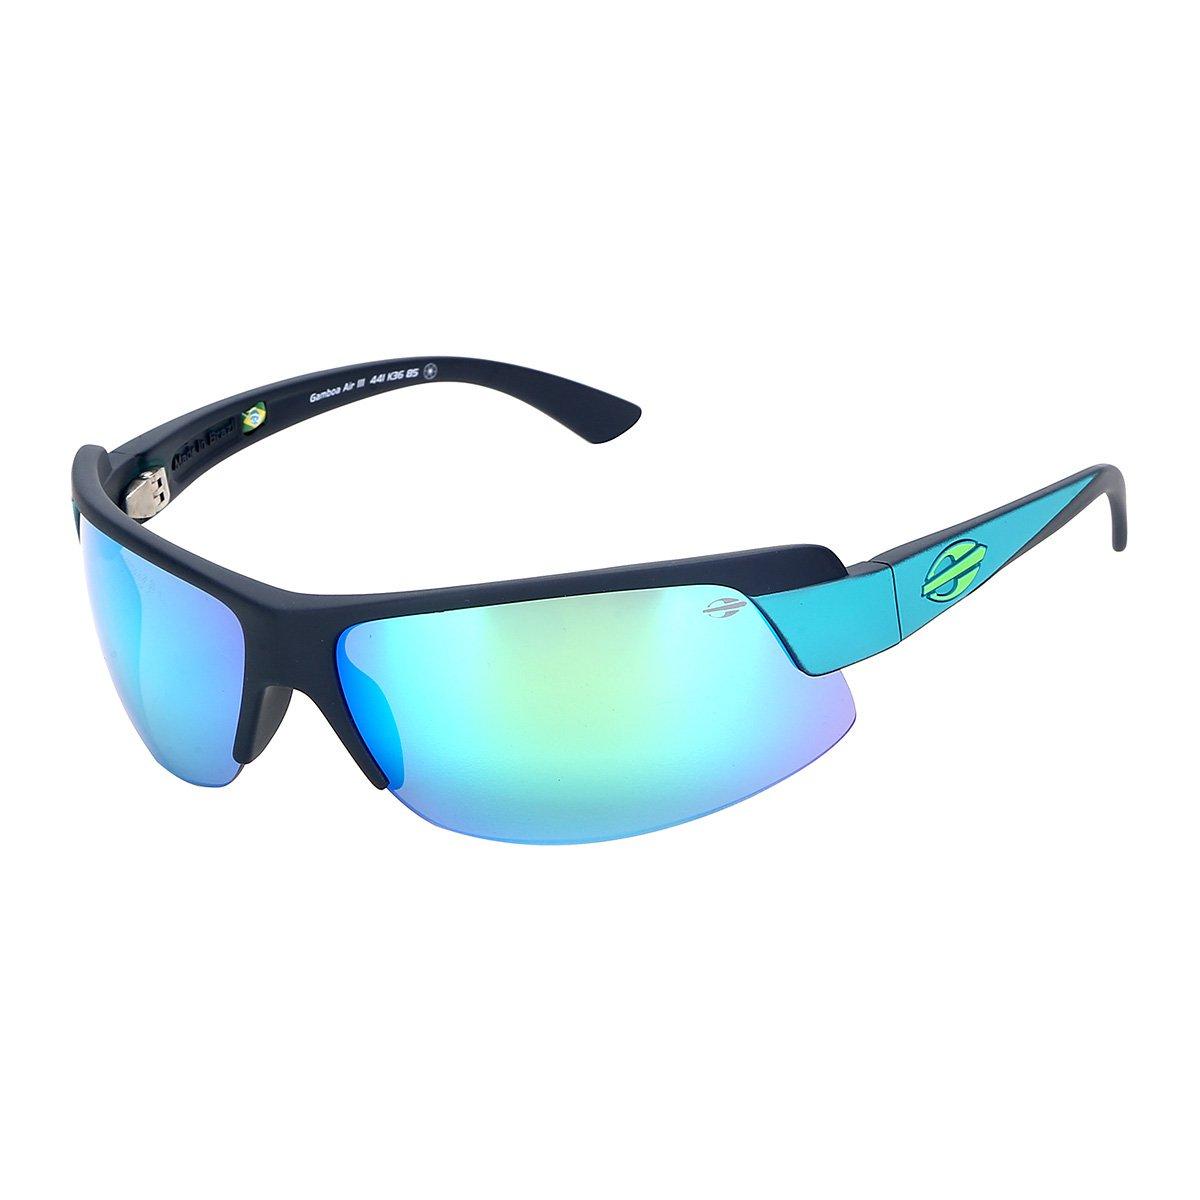 bfa97043d Óculos de Sol Mormaii Gamboa Air III Polarizado 00441K3685 Masculino